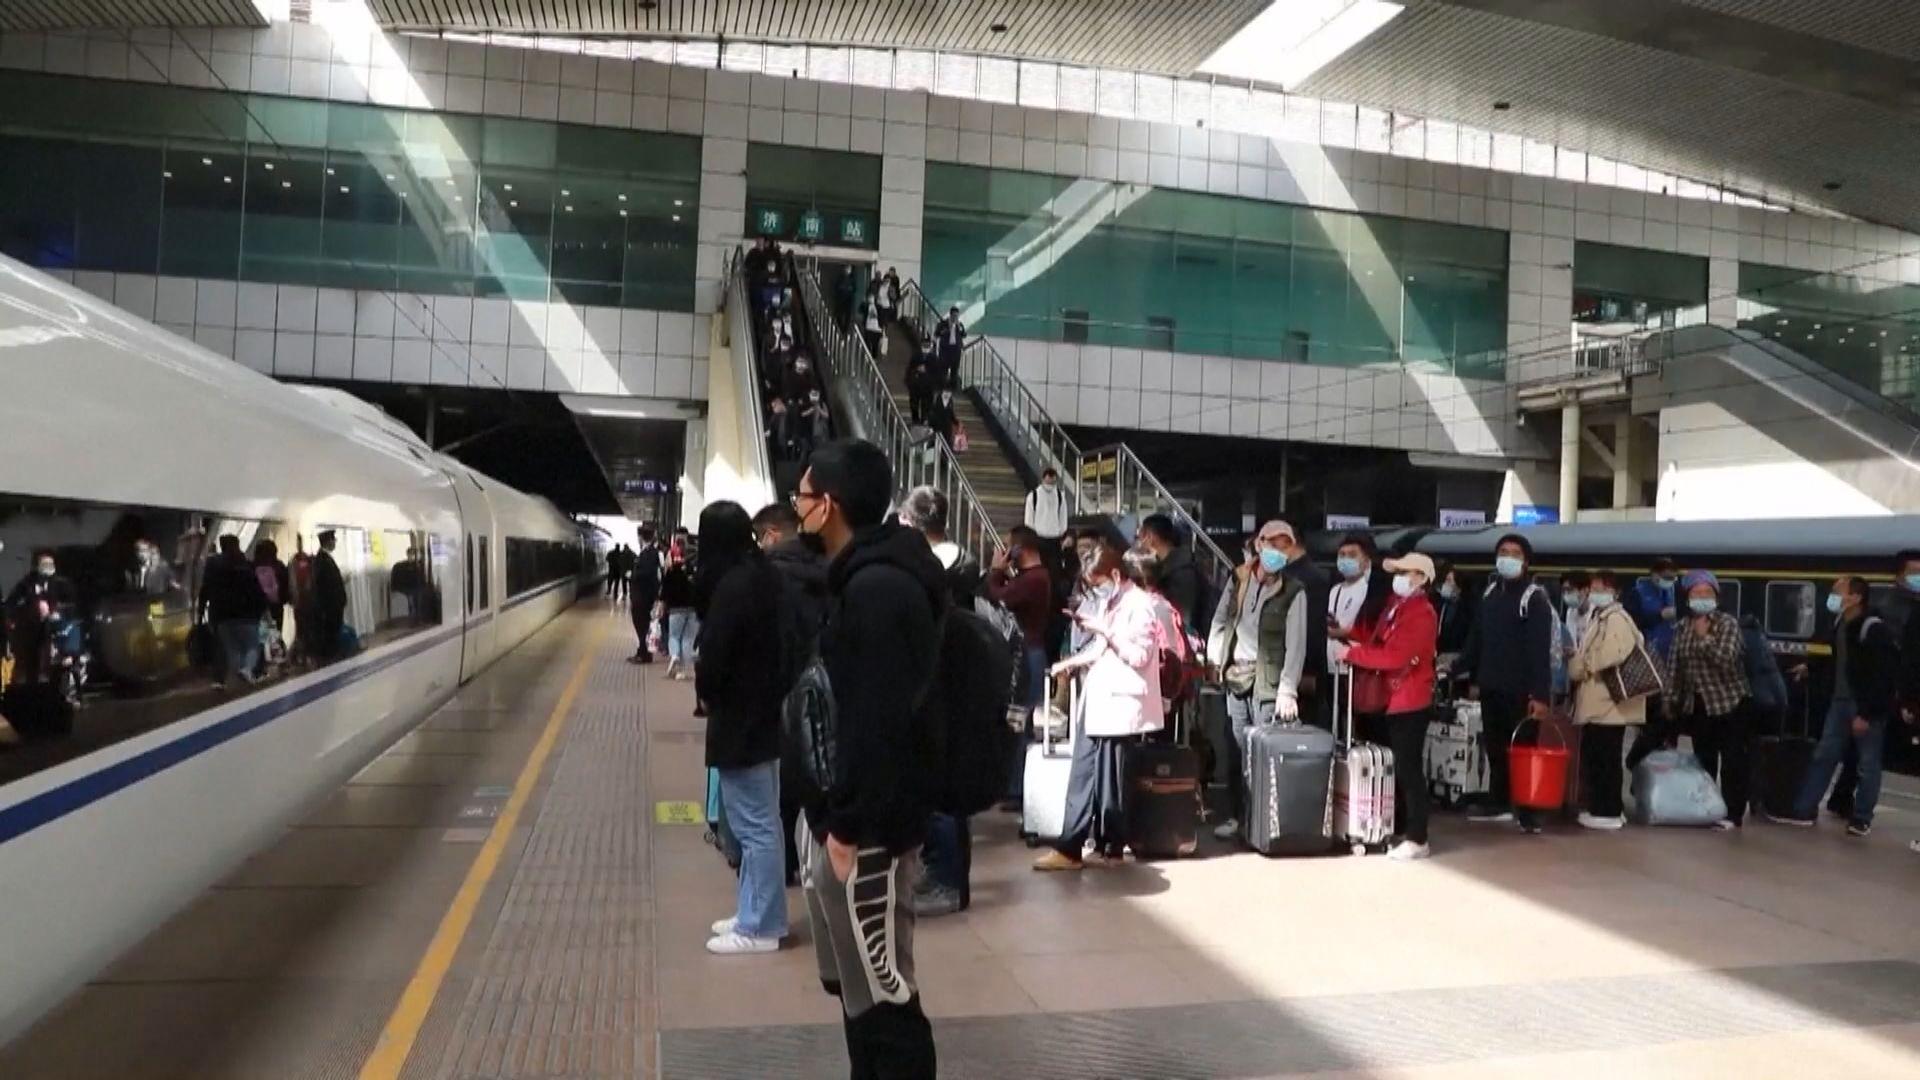 內地五一假期火車票周六開售 業界料2億人次出遊